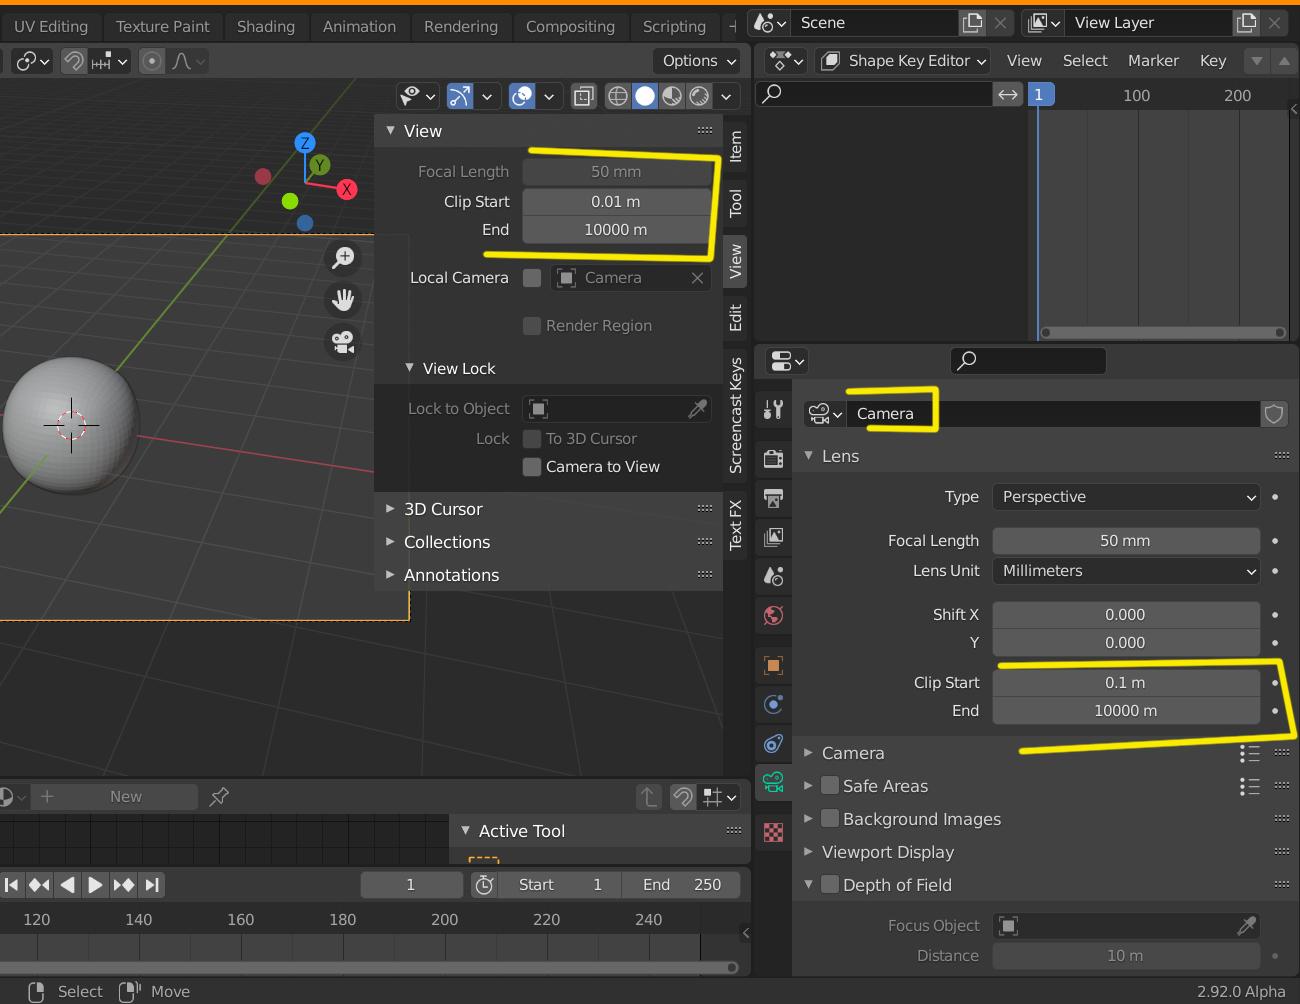 Evitar desplazamiento de objetos en camera tracking-camara.jpg